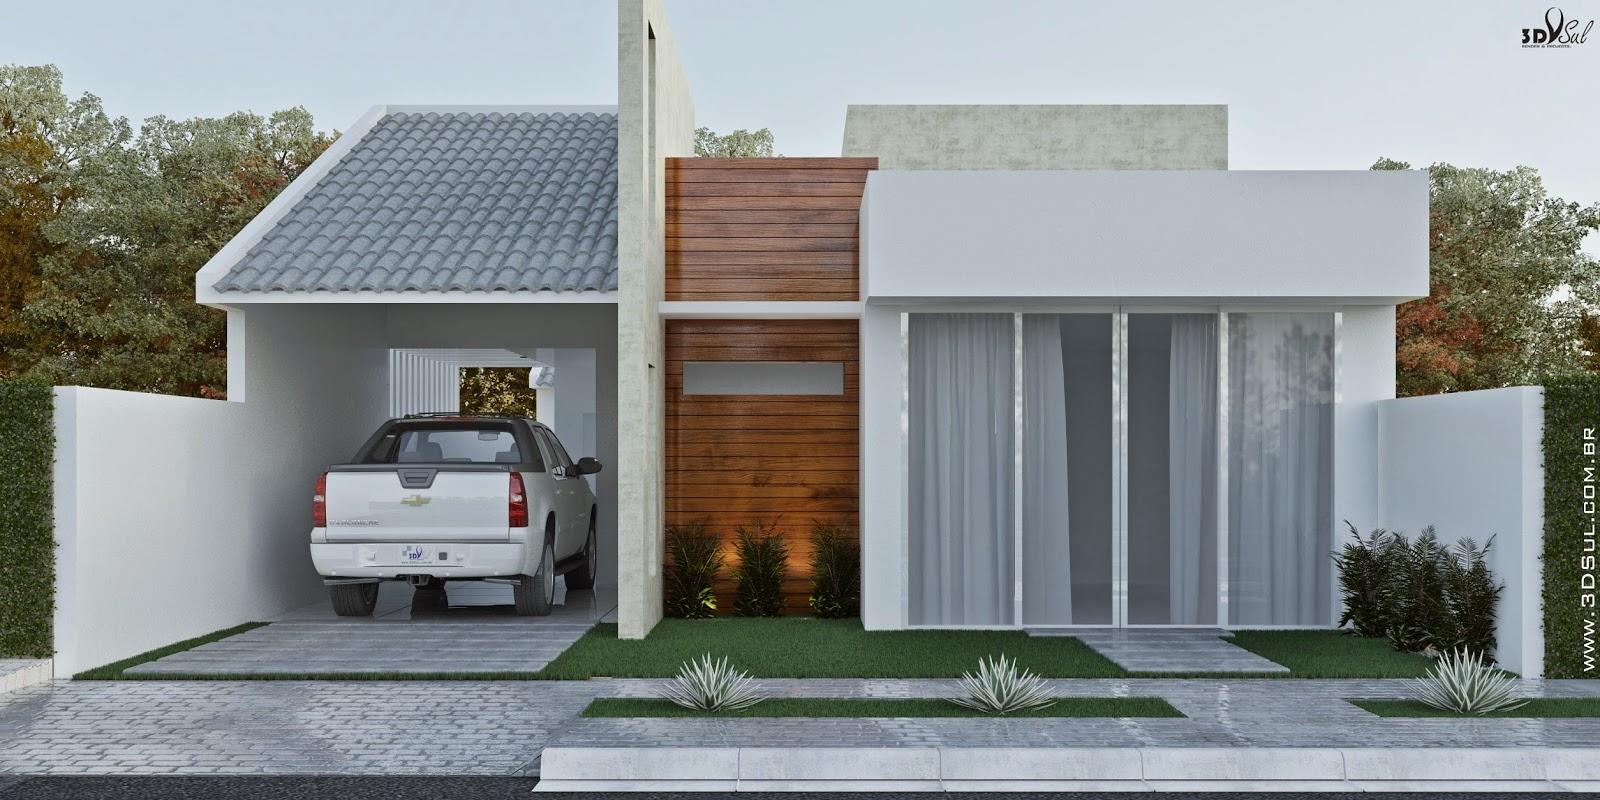 3DSul Maquete Eletrônica 3D: Fachada 3D de Casa / Arquitetura 3D  #654124 1600 800